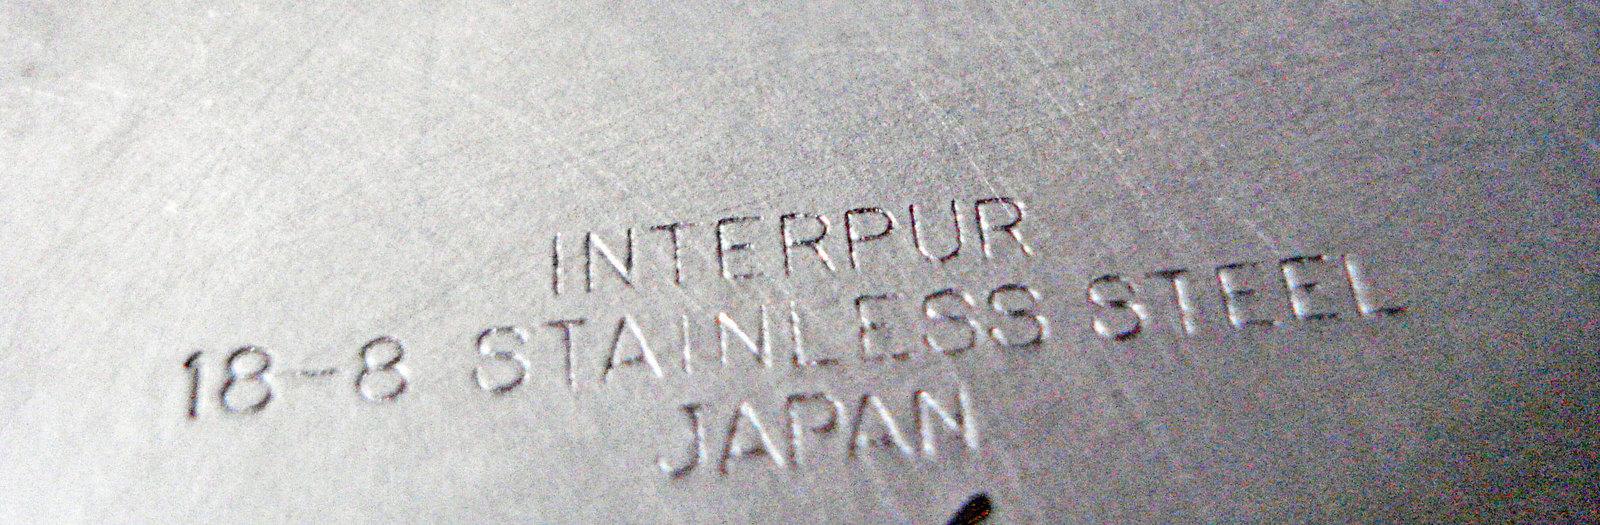 Stainless Steel Wood Handles Gravy Boat Bowl Vintage Interpur Japan